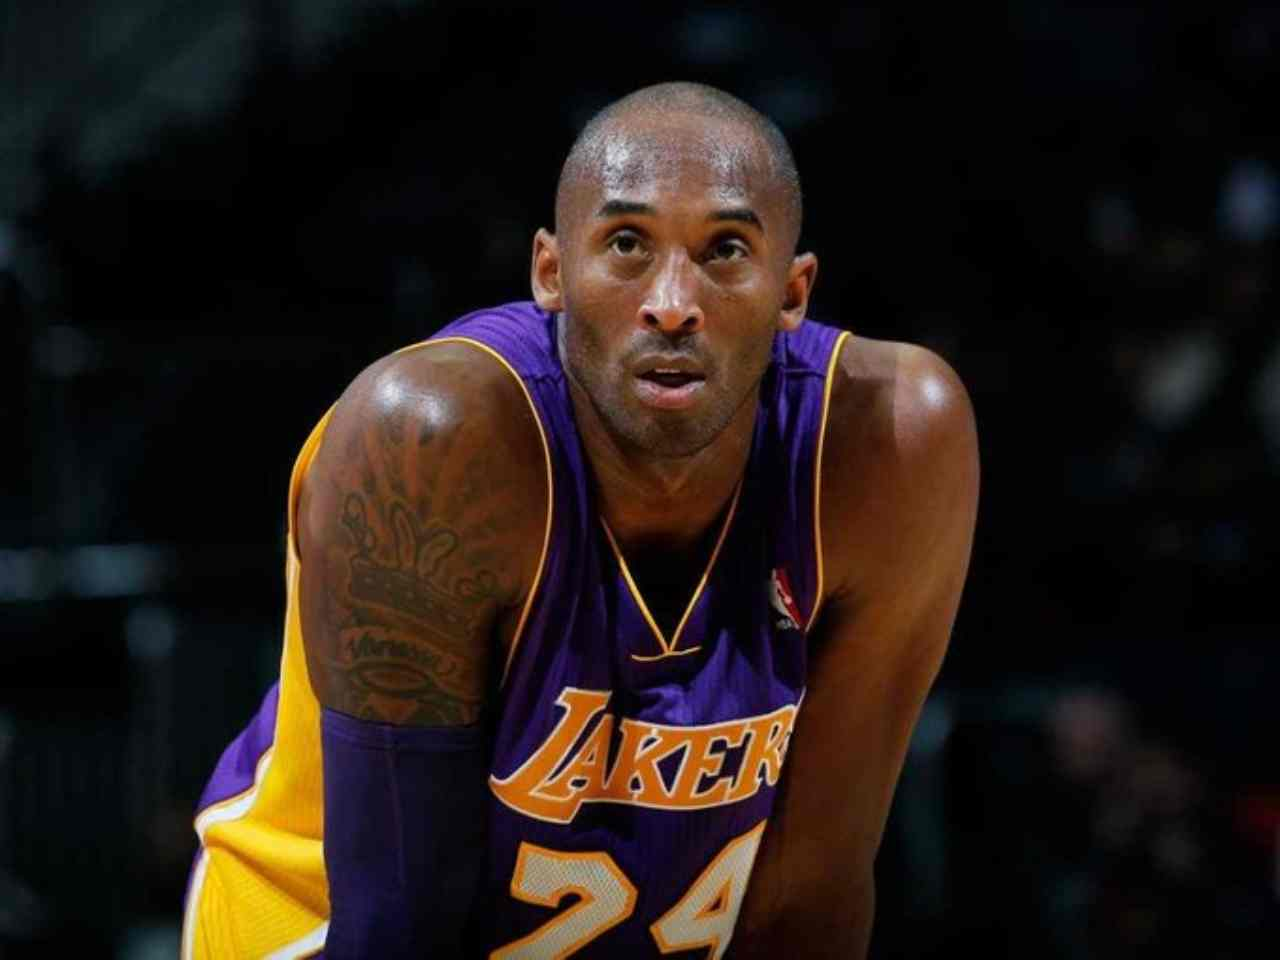 Anche gli immortali muoiono: addio Kobe Bryant